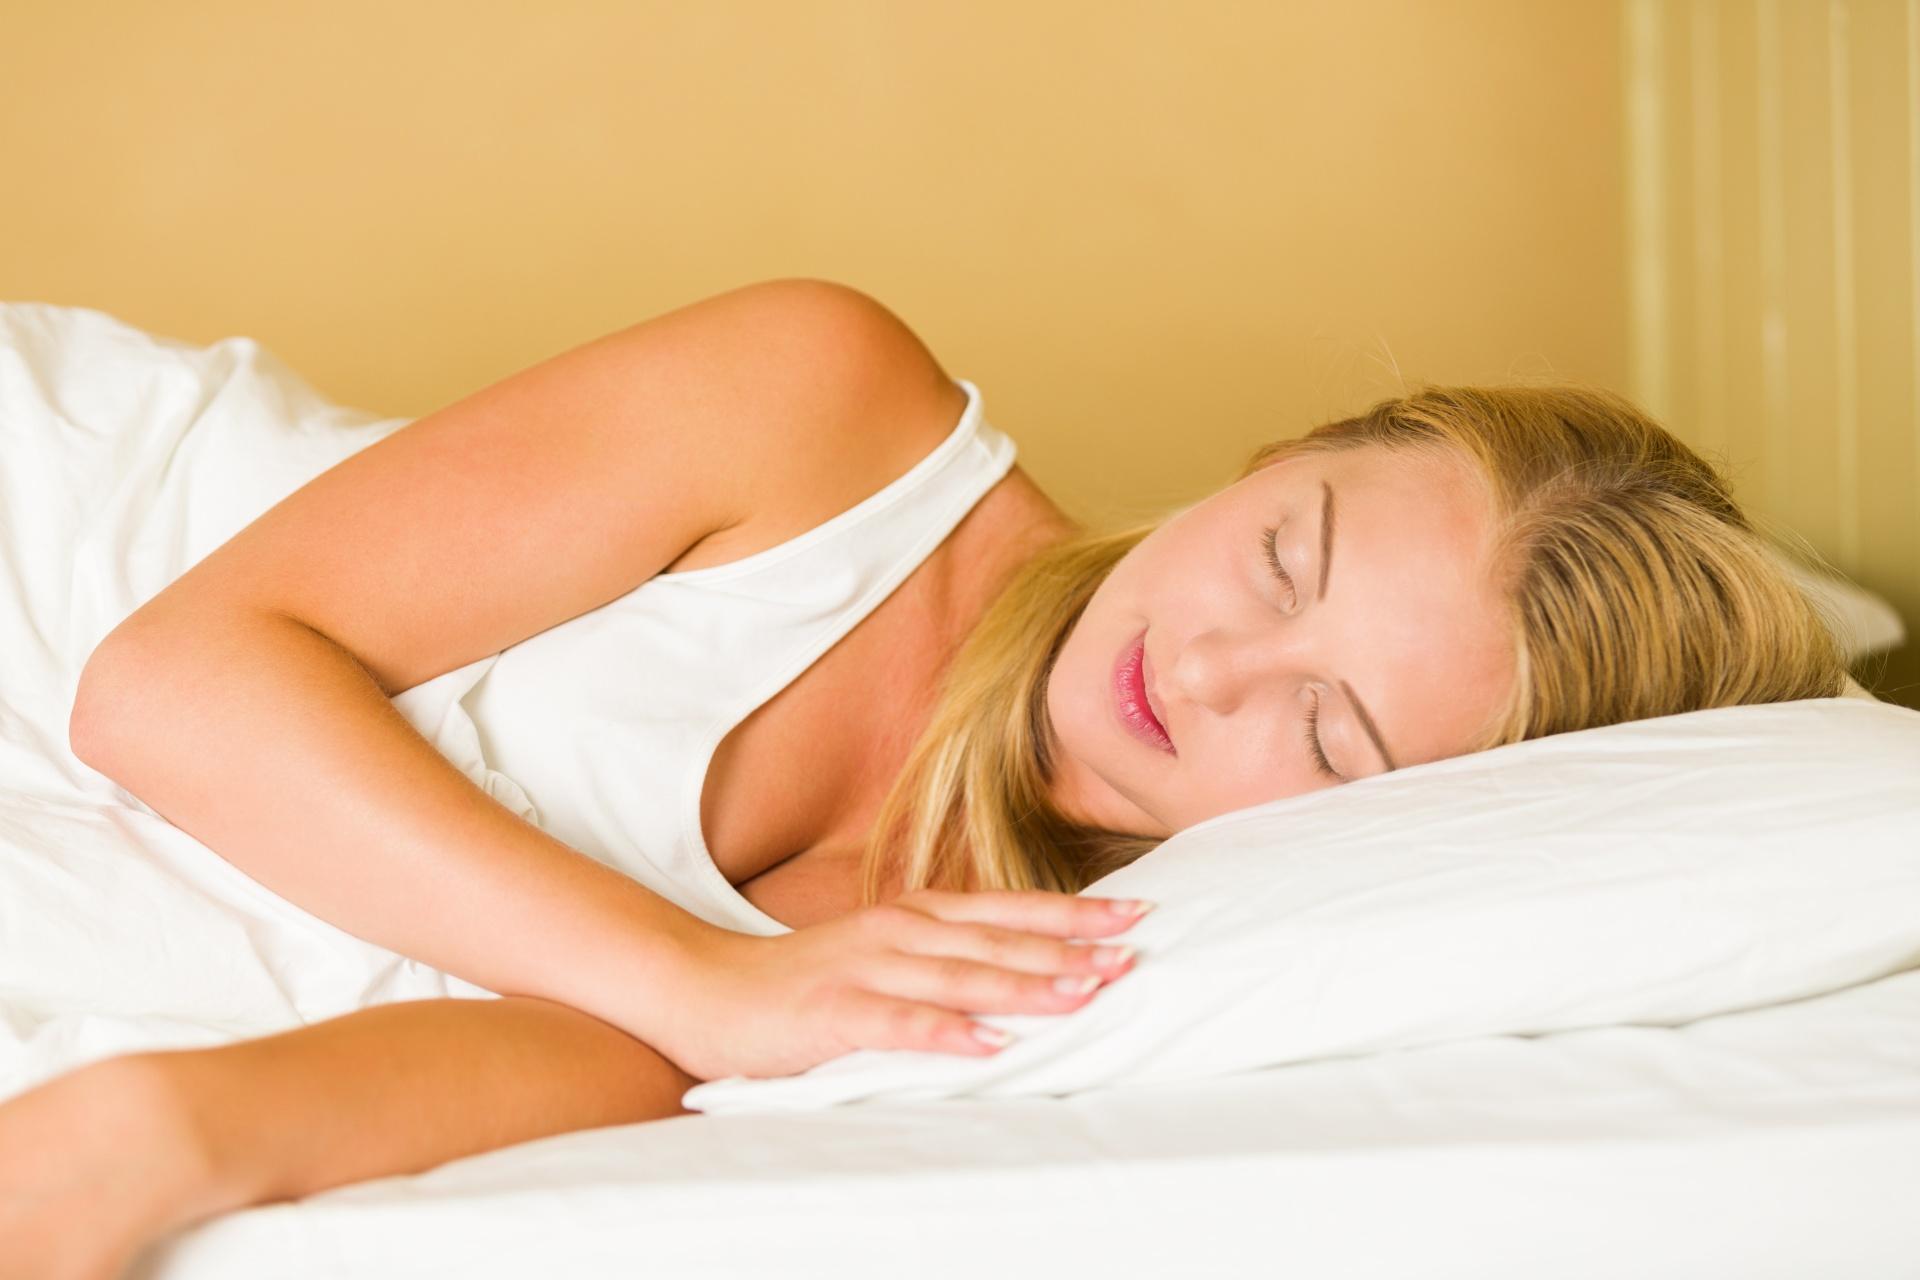 Soñar con fantasías sexuales ¿qué significa? - sexologos online